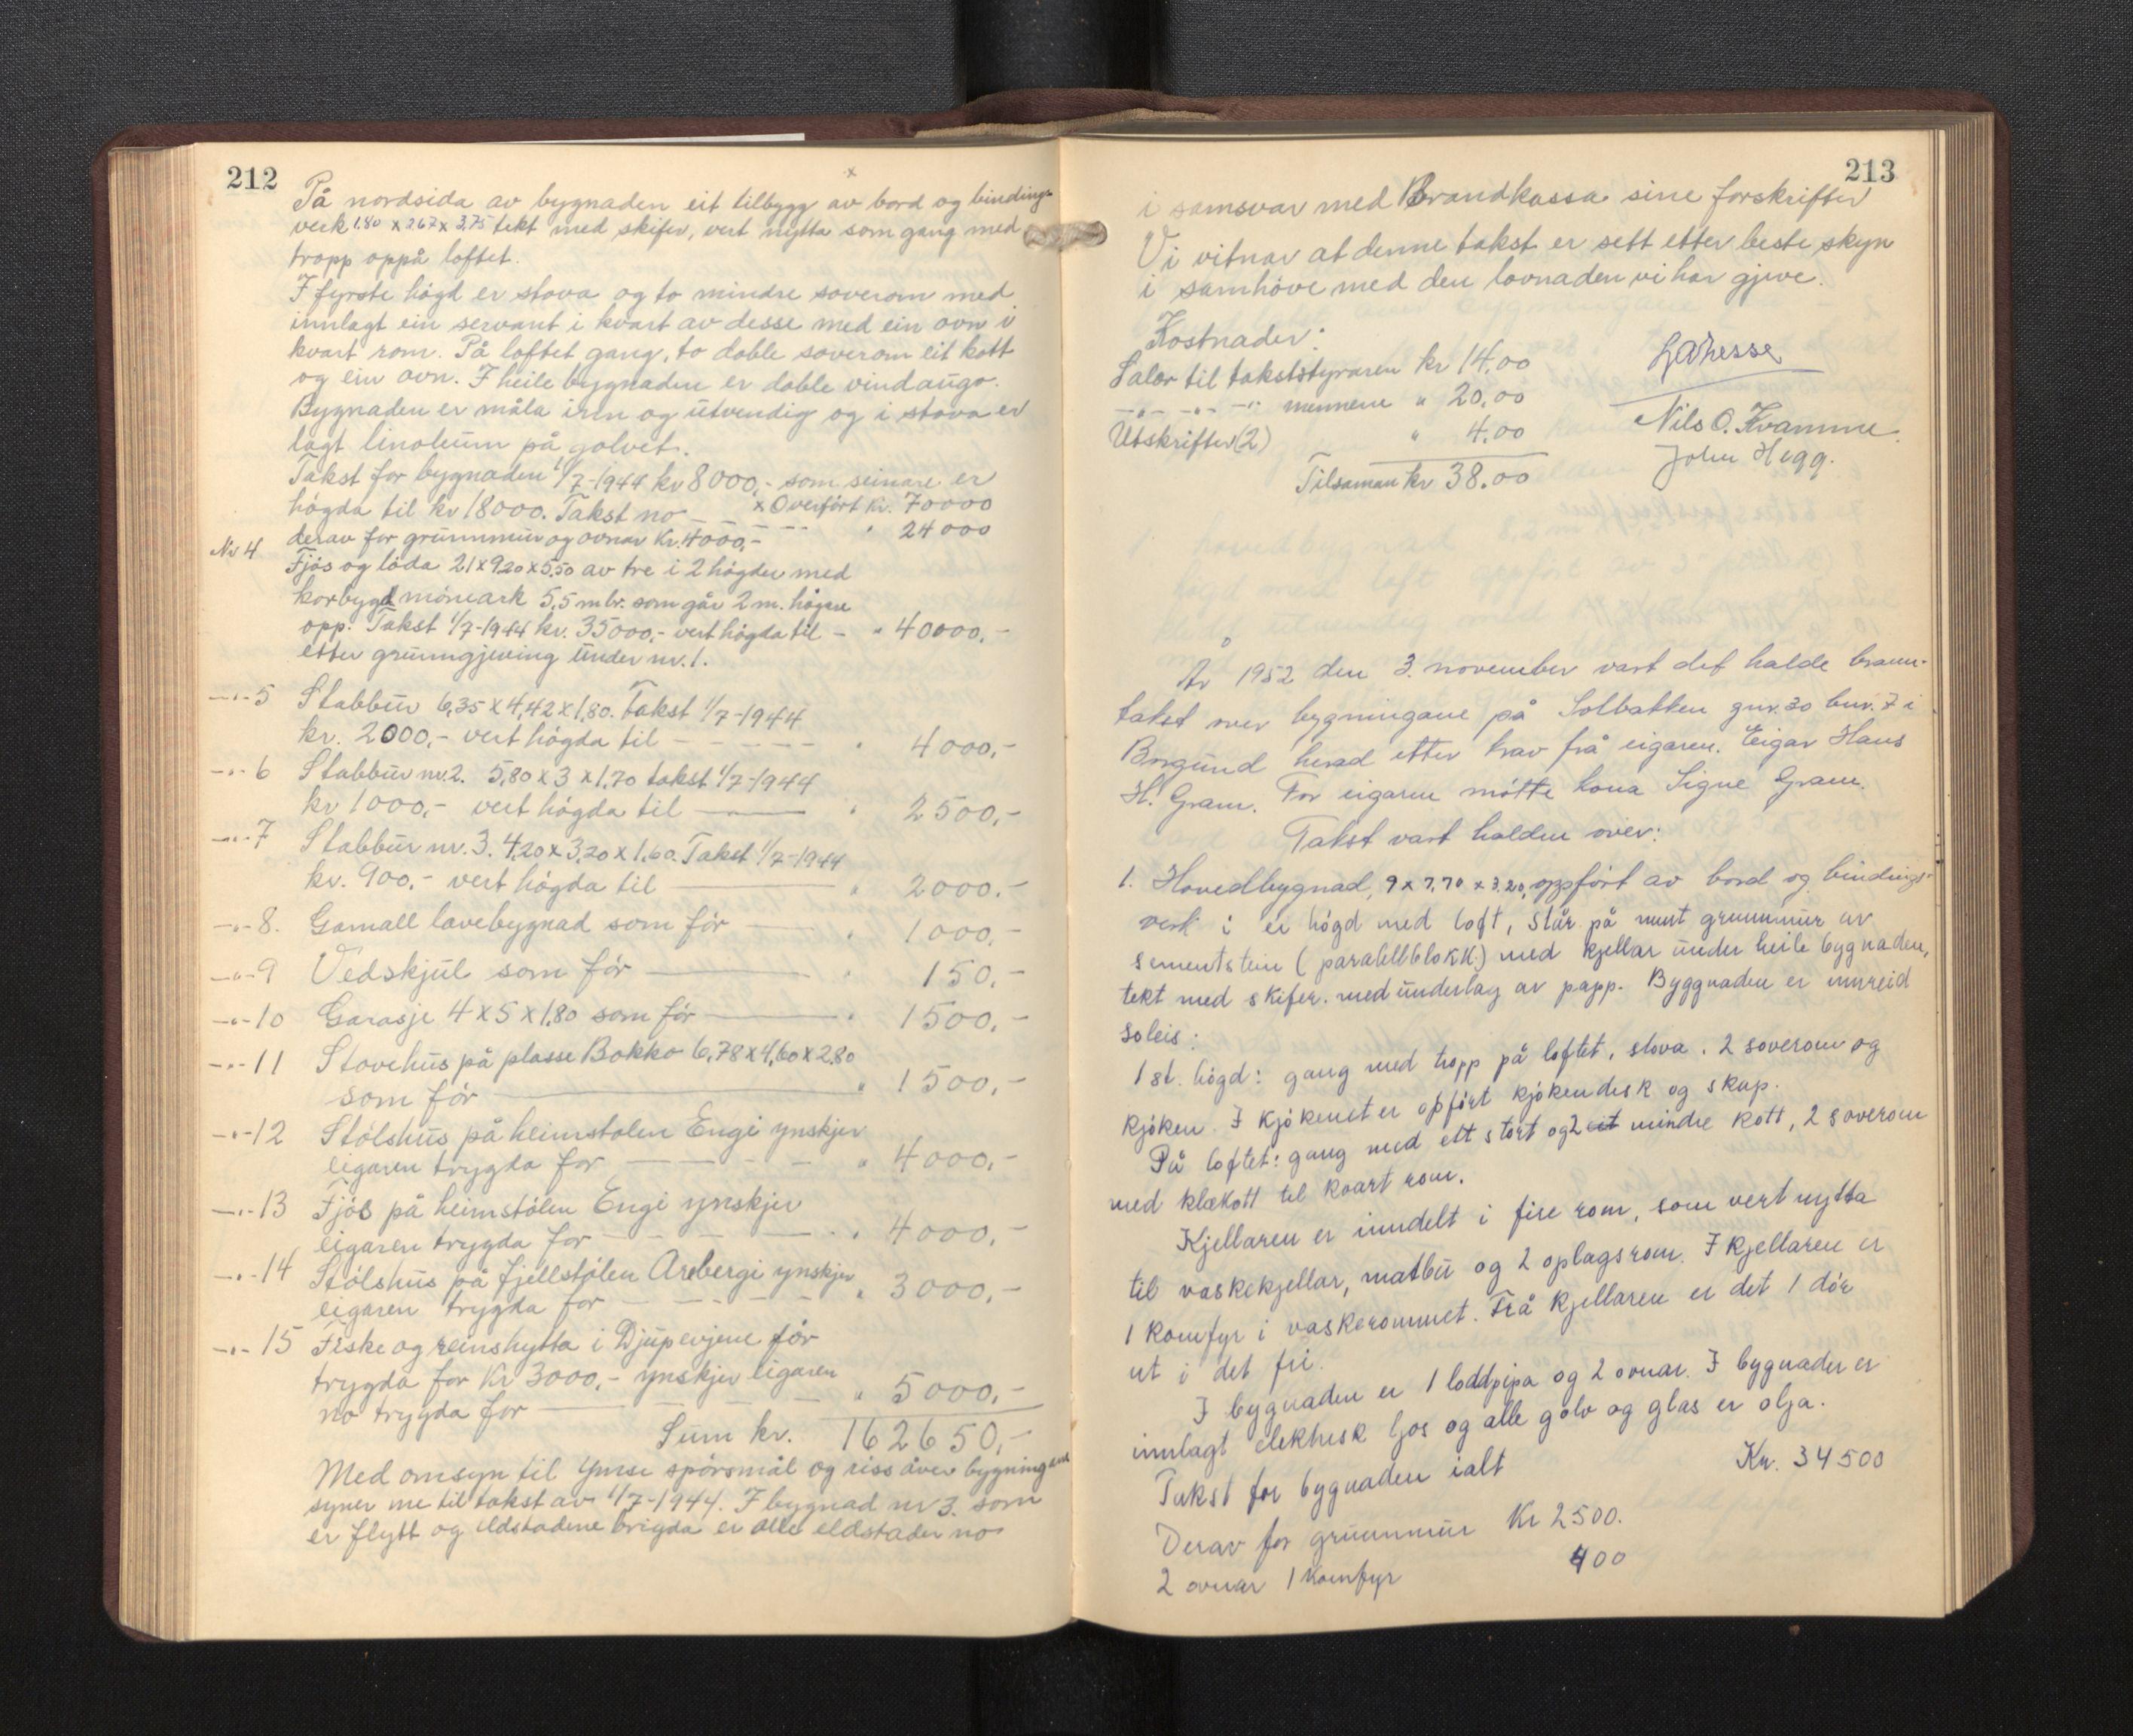 SAB, Lensmannen i Borgund, 0012/L0002: Branntakstprotokoll, 1929-1933, s. 212-213